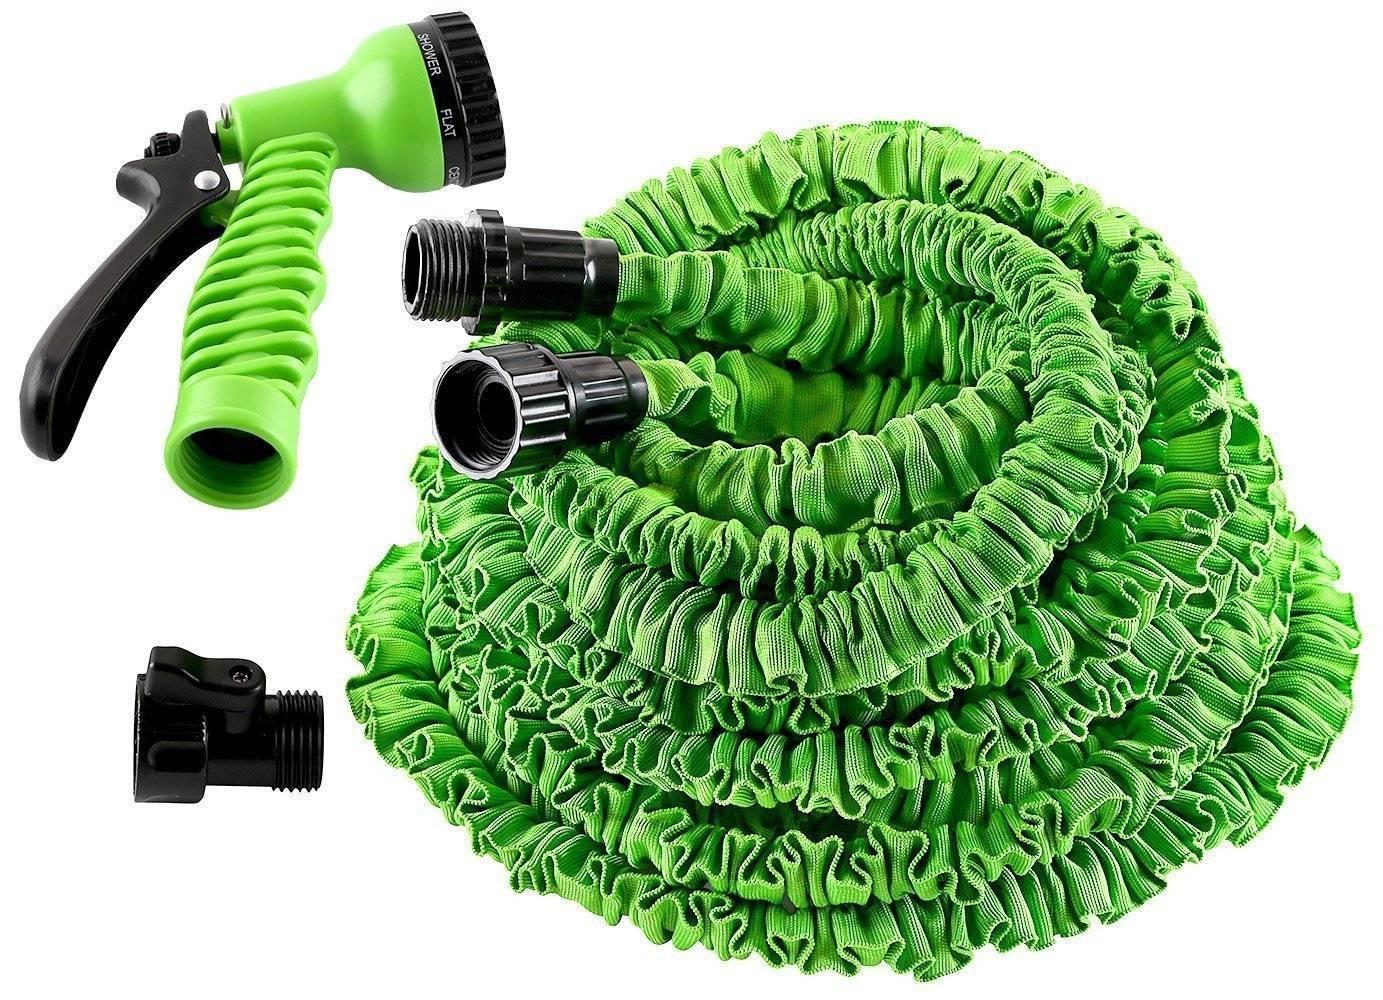 Шланг для капельного полива: особенности сочащихся капиллярных шлангов для полива растений, характеристики магистральных и других моделей. какие из них лучше выбрать?